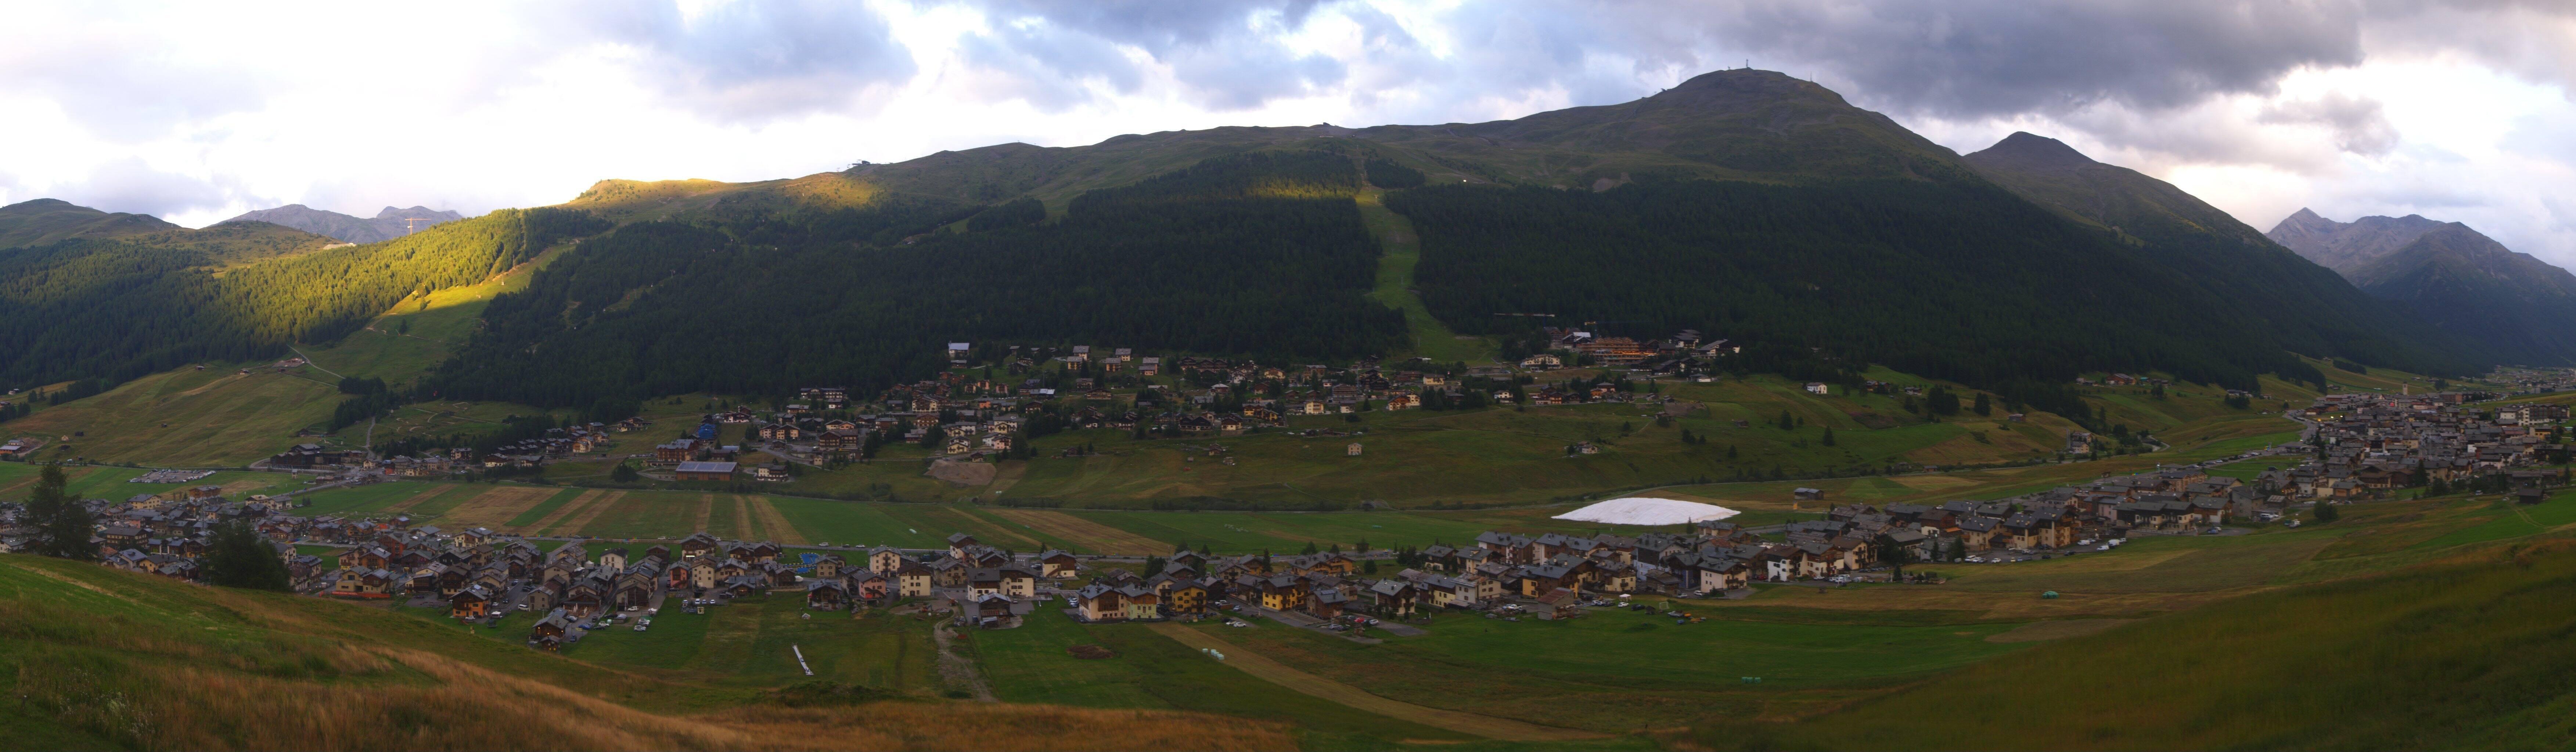 Livigno: Skiort und Mottolino Fun Mountain